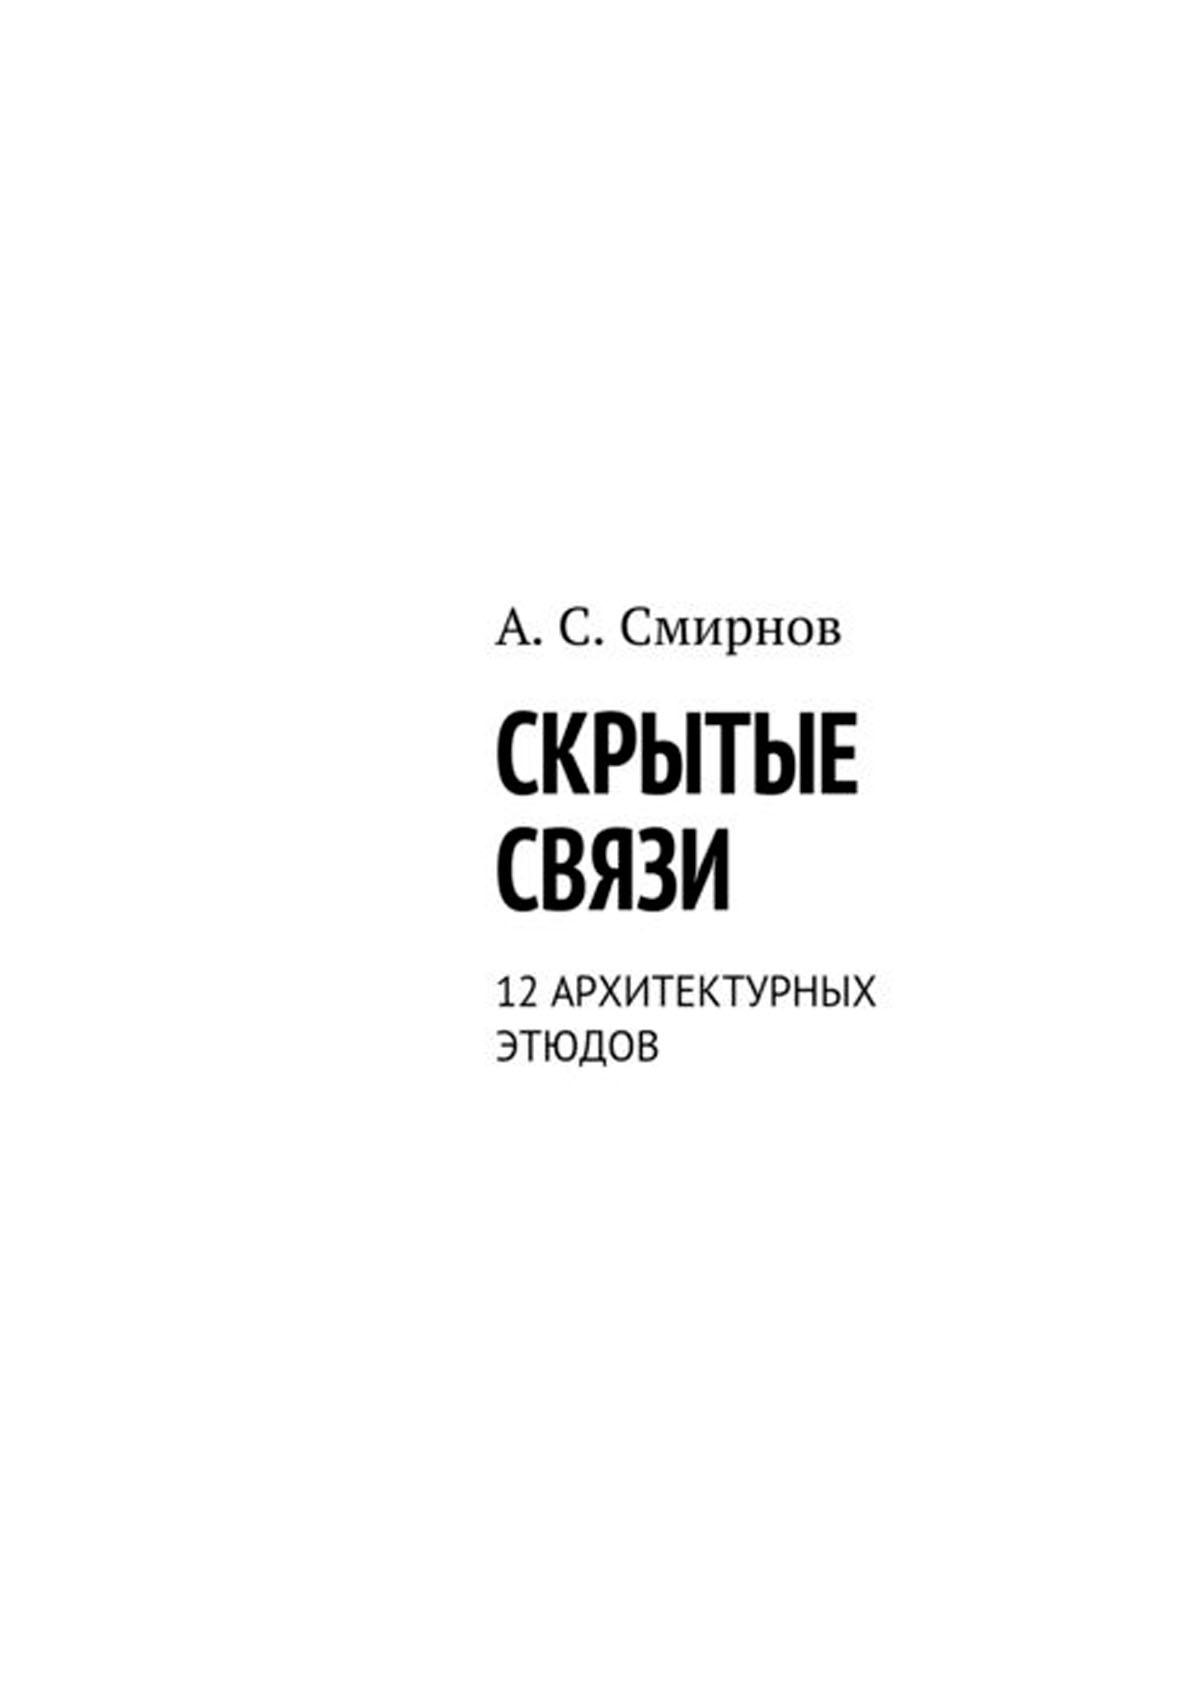 Скрытые связи. 12 архитектурных этюдов